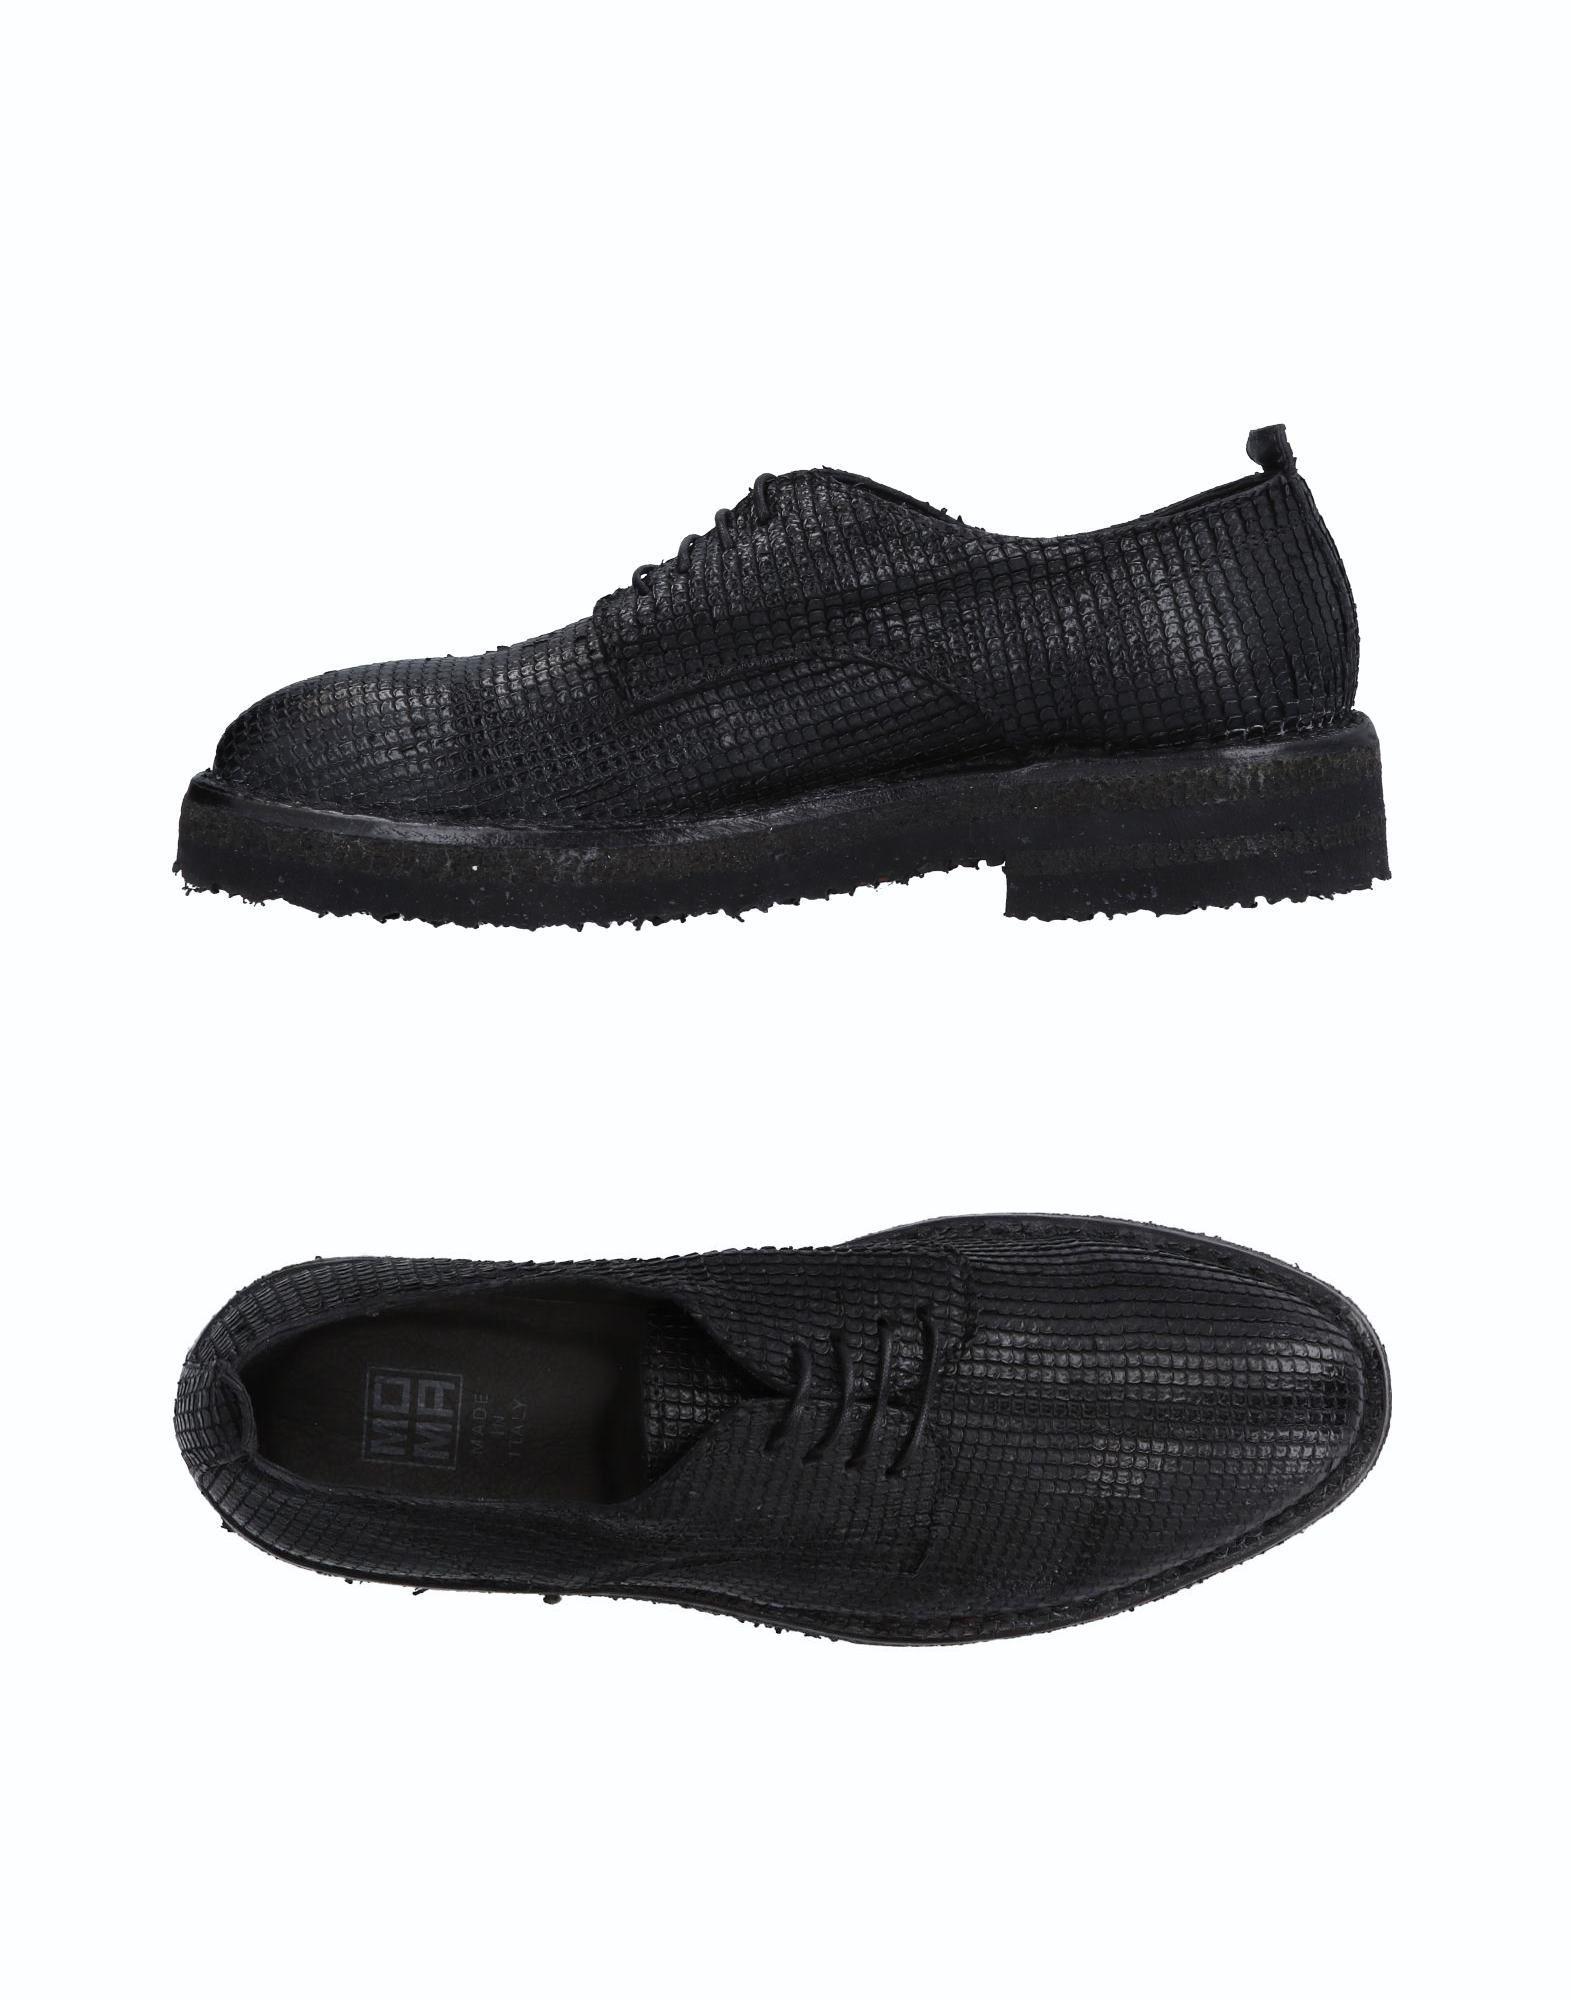 Moma Schnürschuhe Damen  11501381VBGut aussehende strapazierfähige Schuhe